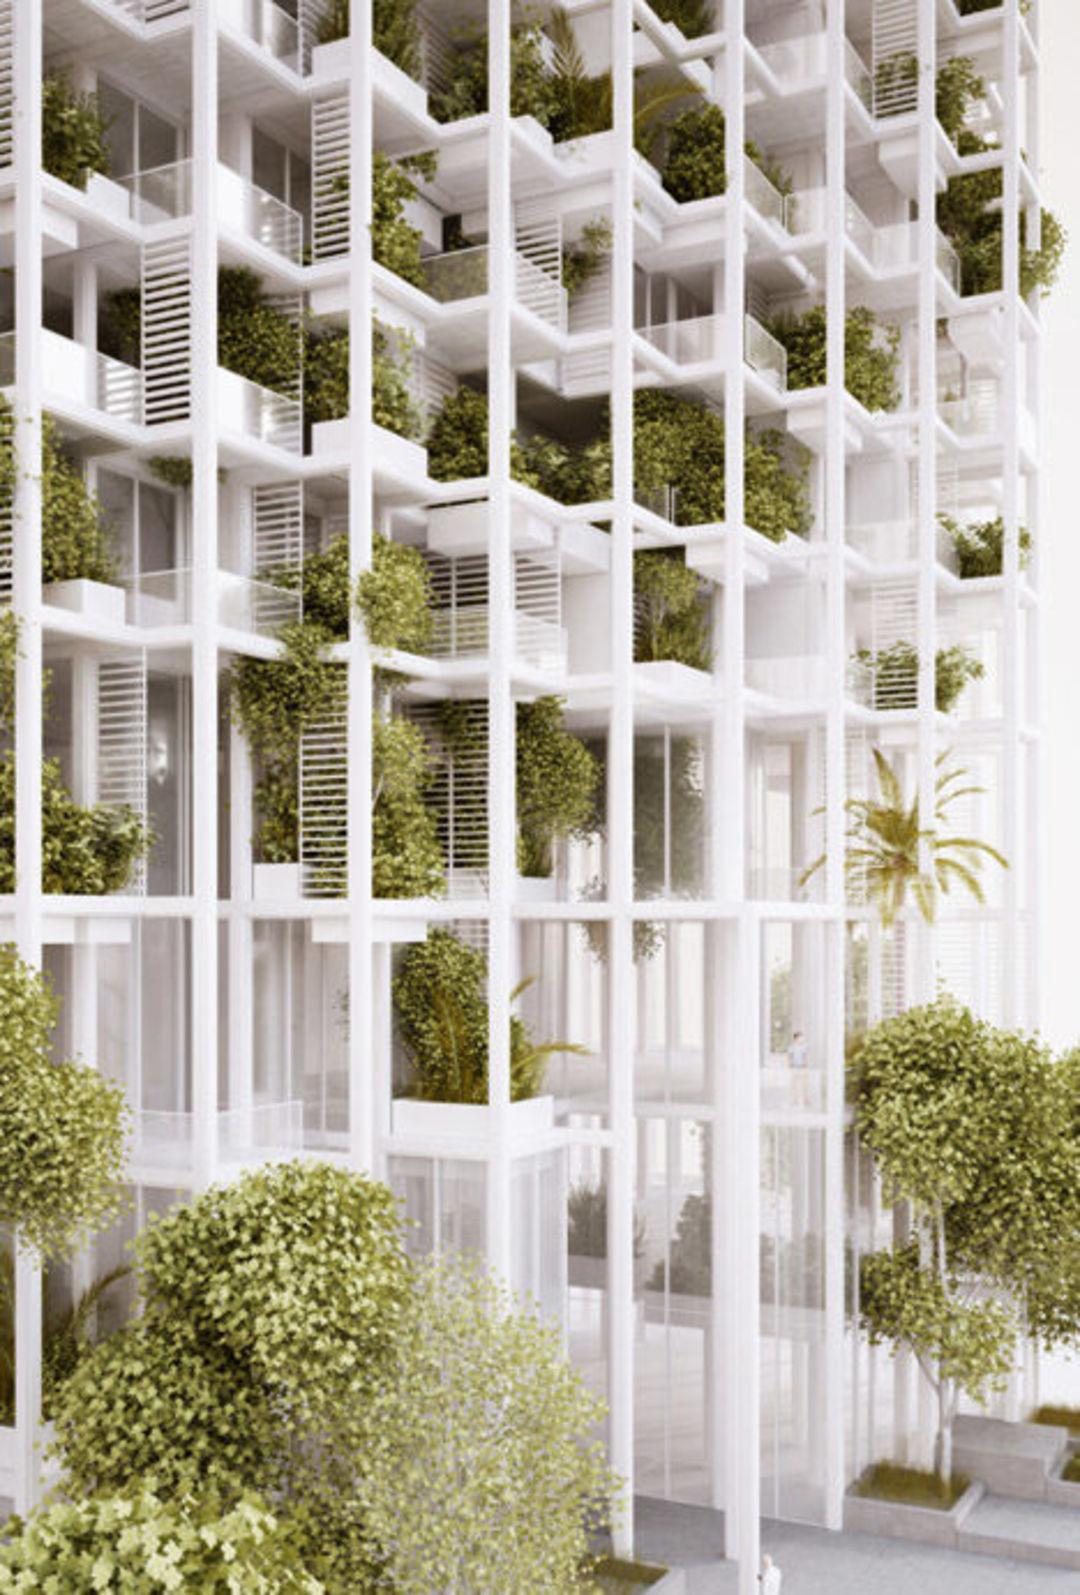 中国建筑师在印度做了套住宅,可以自己调节房子外观_设计_好奇心日报